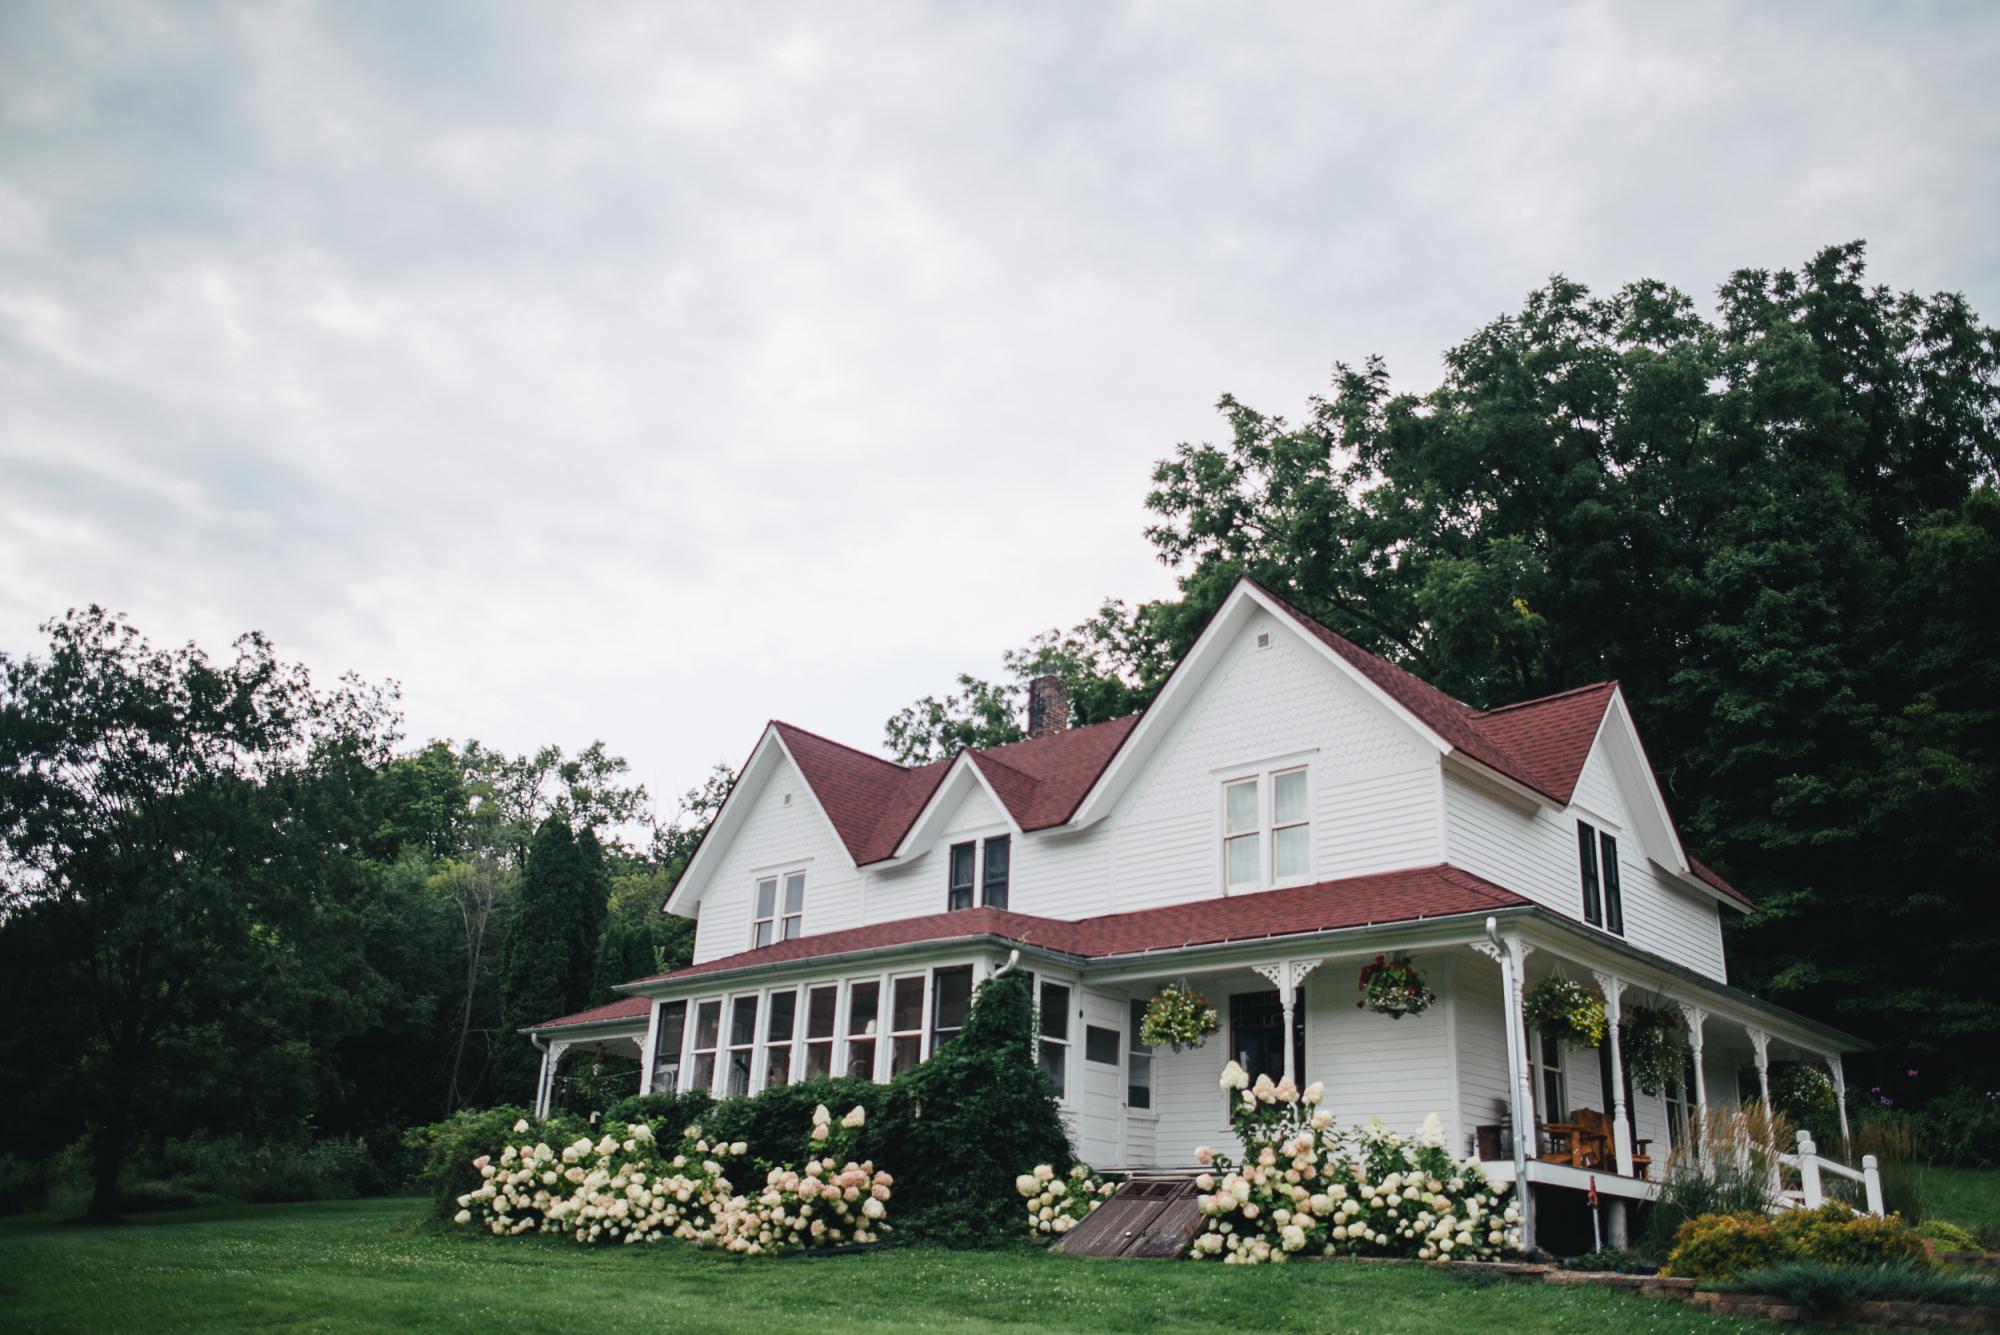 Farmhouse exterior.jpg